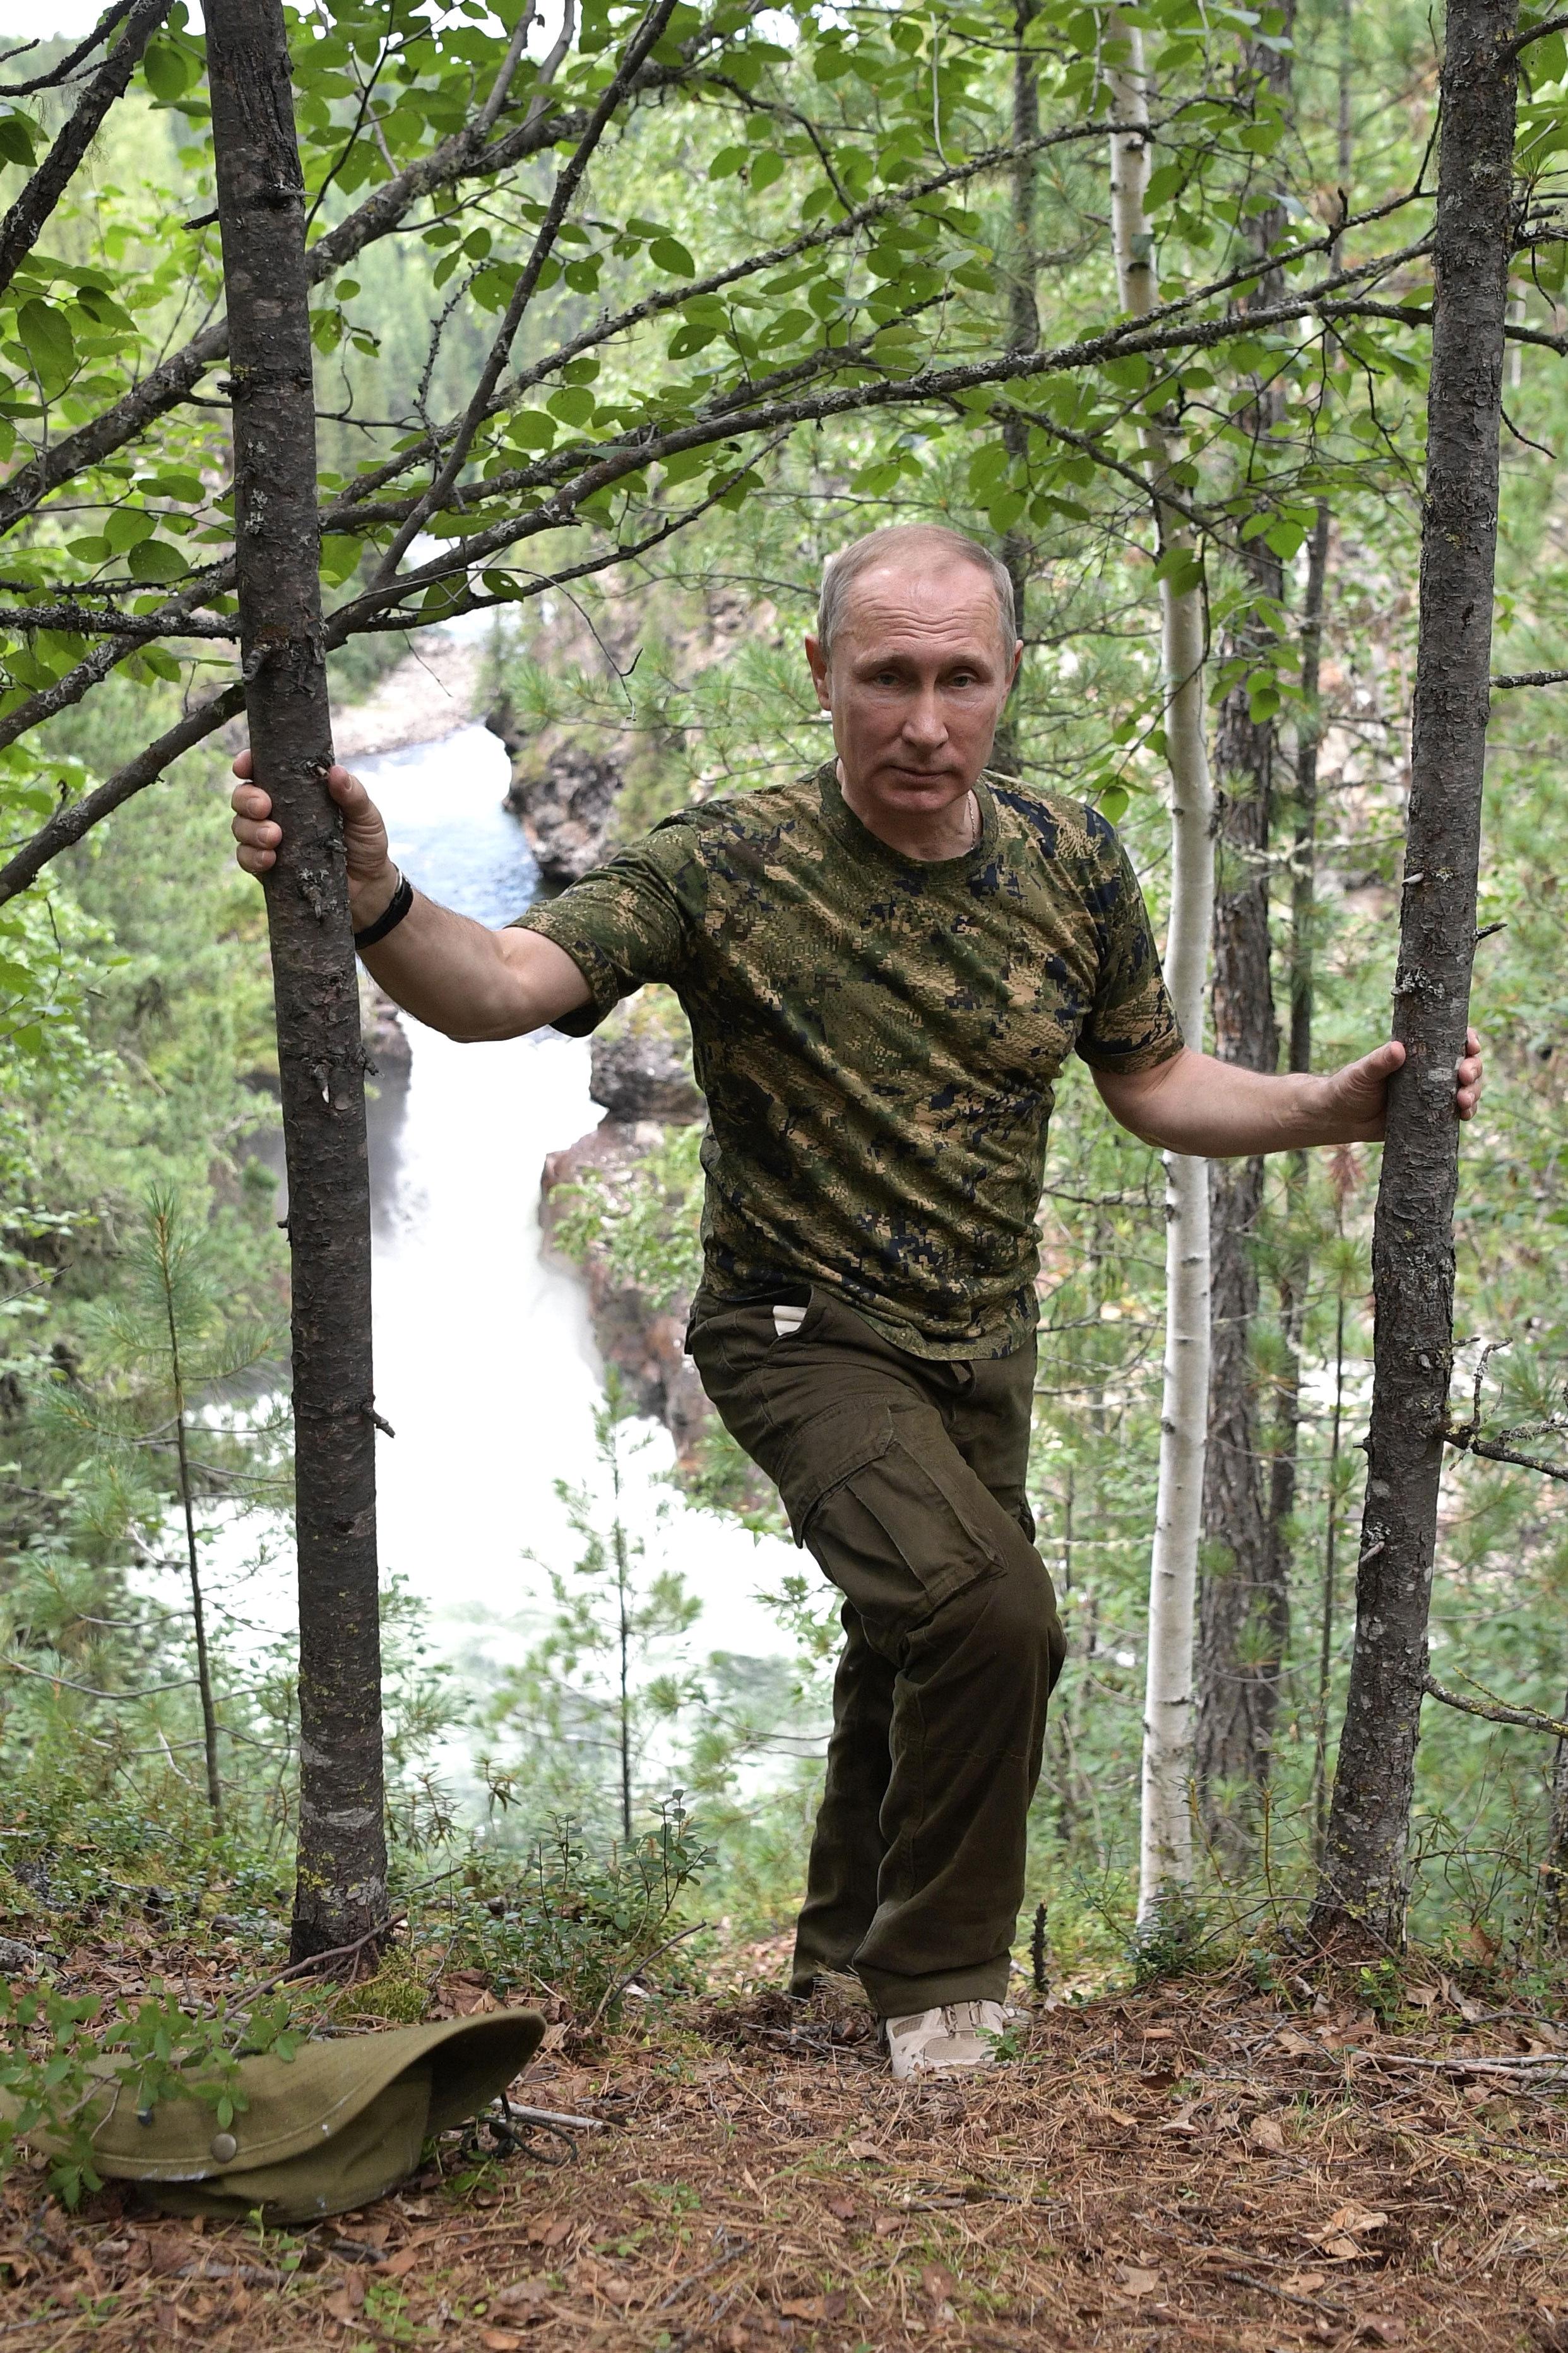 נשיא רוסיה ולדימיר פוטין מטייל בטבע